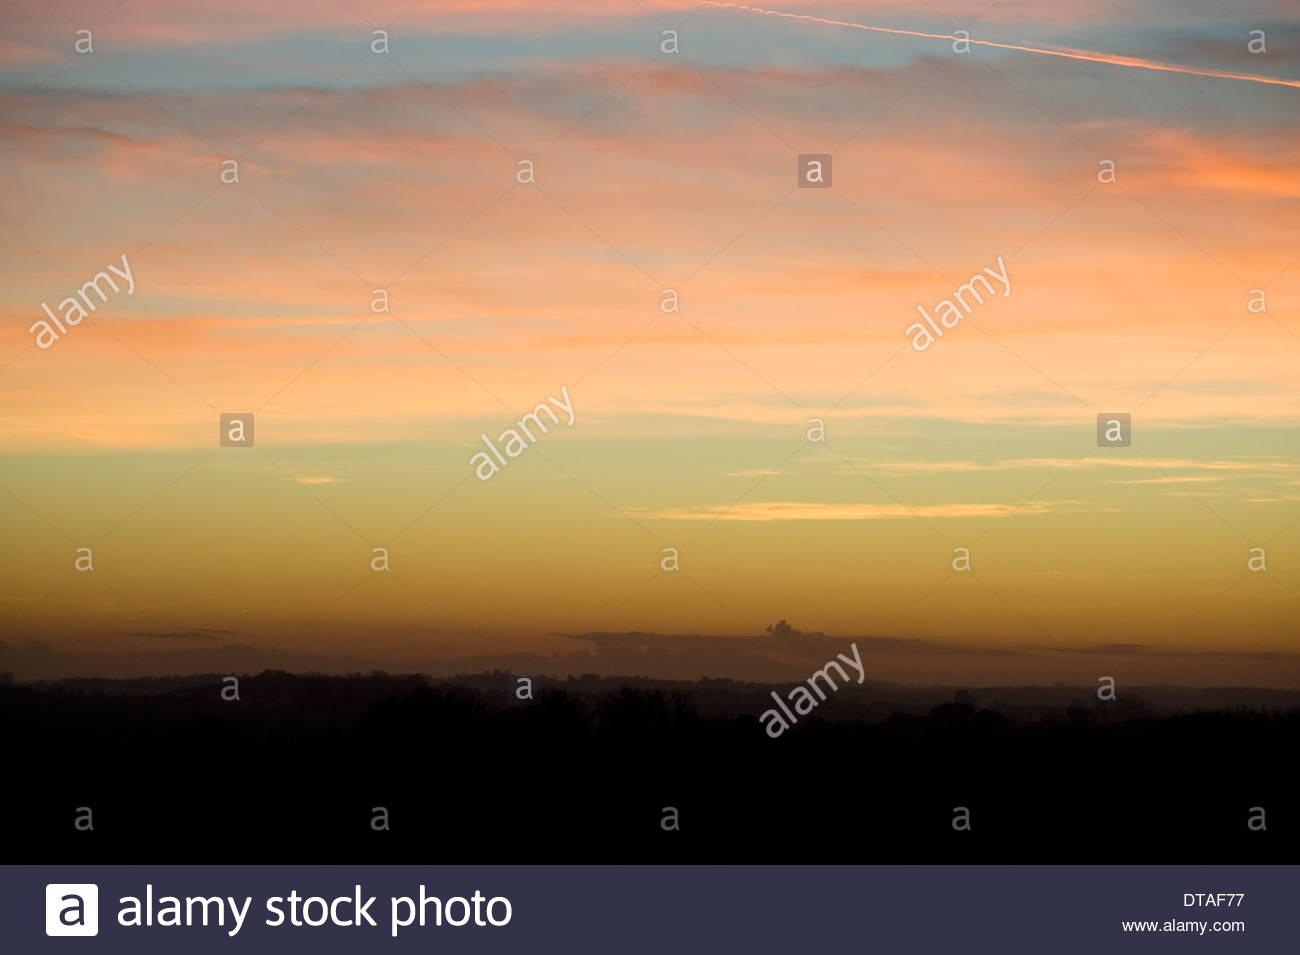 trübe Wolke Wolkengebilde Himmel bei Sonnenuntergang mit vielen Farben Graduierung Kondensstreifen Stockbild